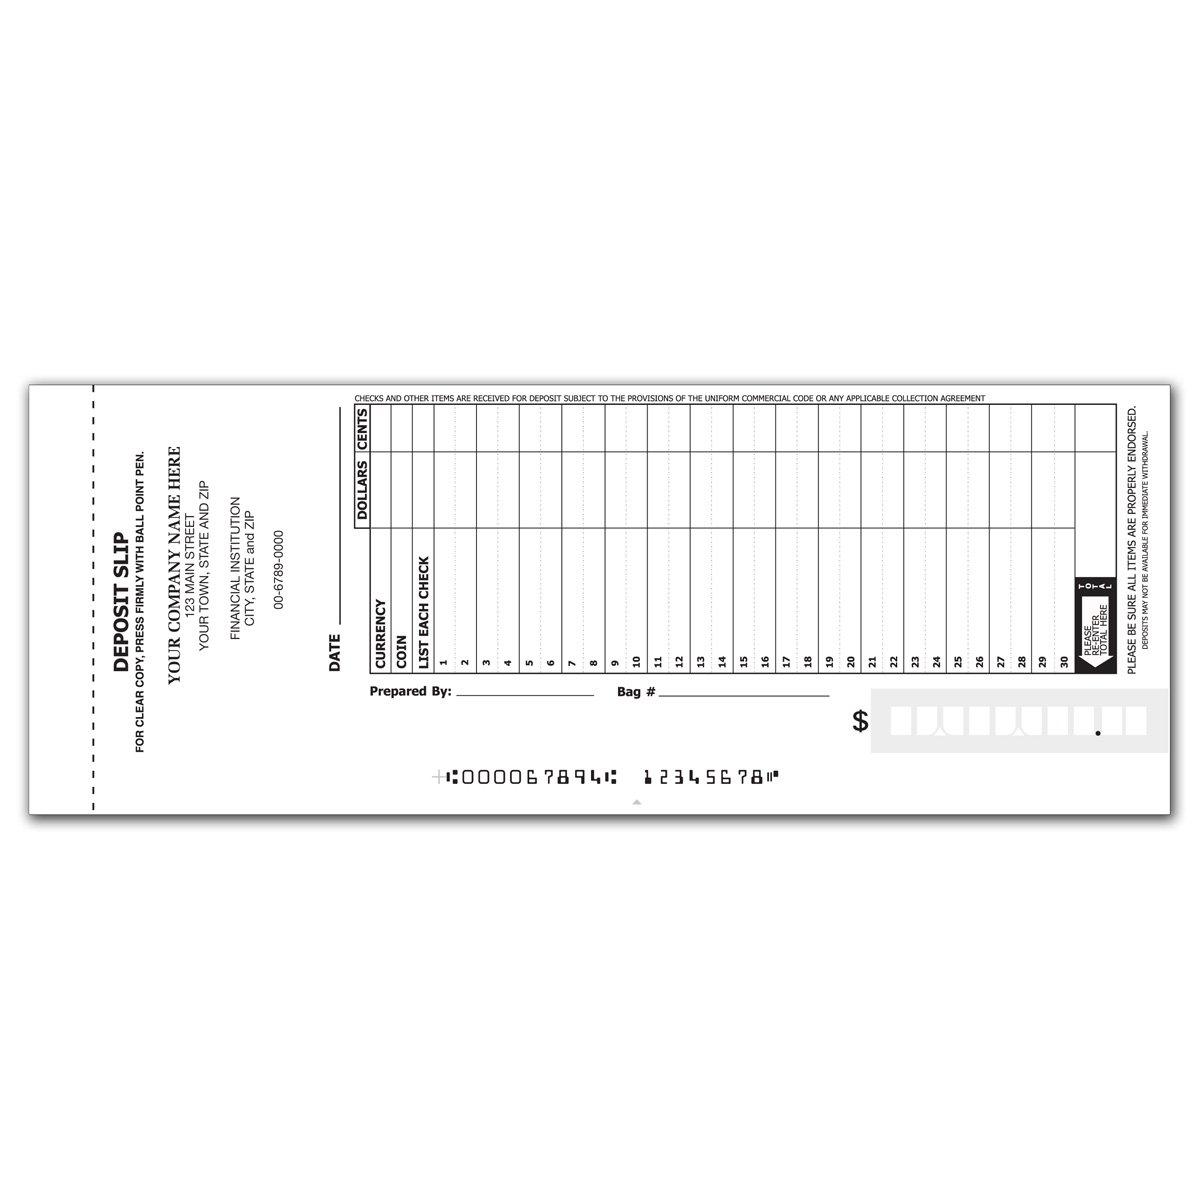 30-Line Booked Deposit Slips - Deposit Slip Books for Business (2400 qty) - Custom